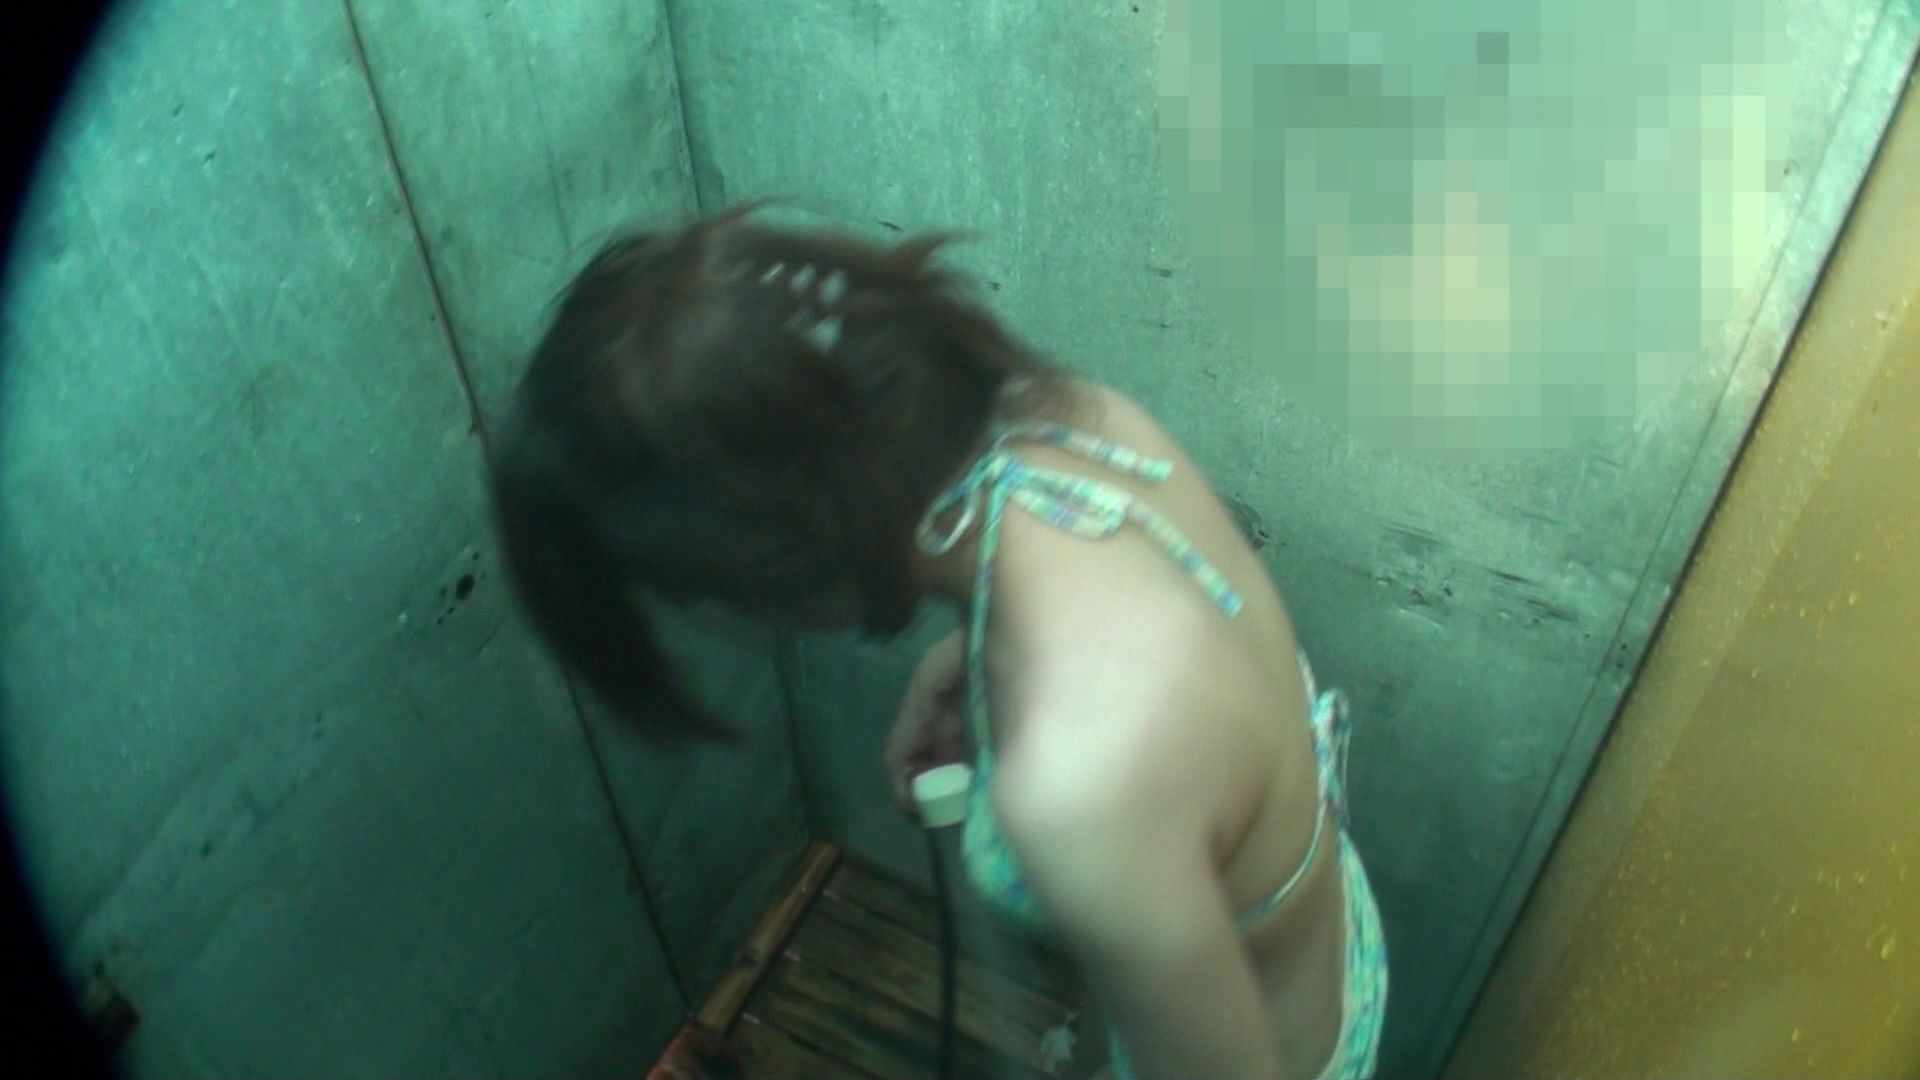 シャワールームは超!!危険な香りVol.15 残念ですが乳首未確認 マンコの砂は入念に マンコ映像  63連発